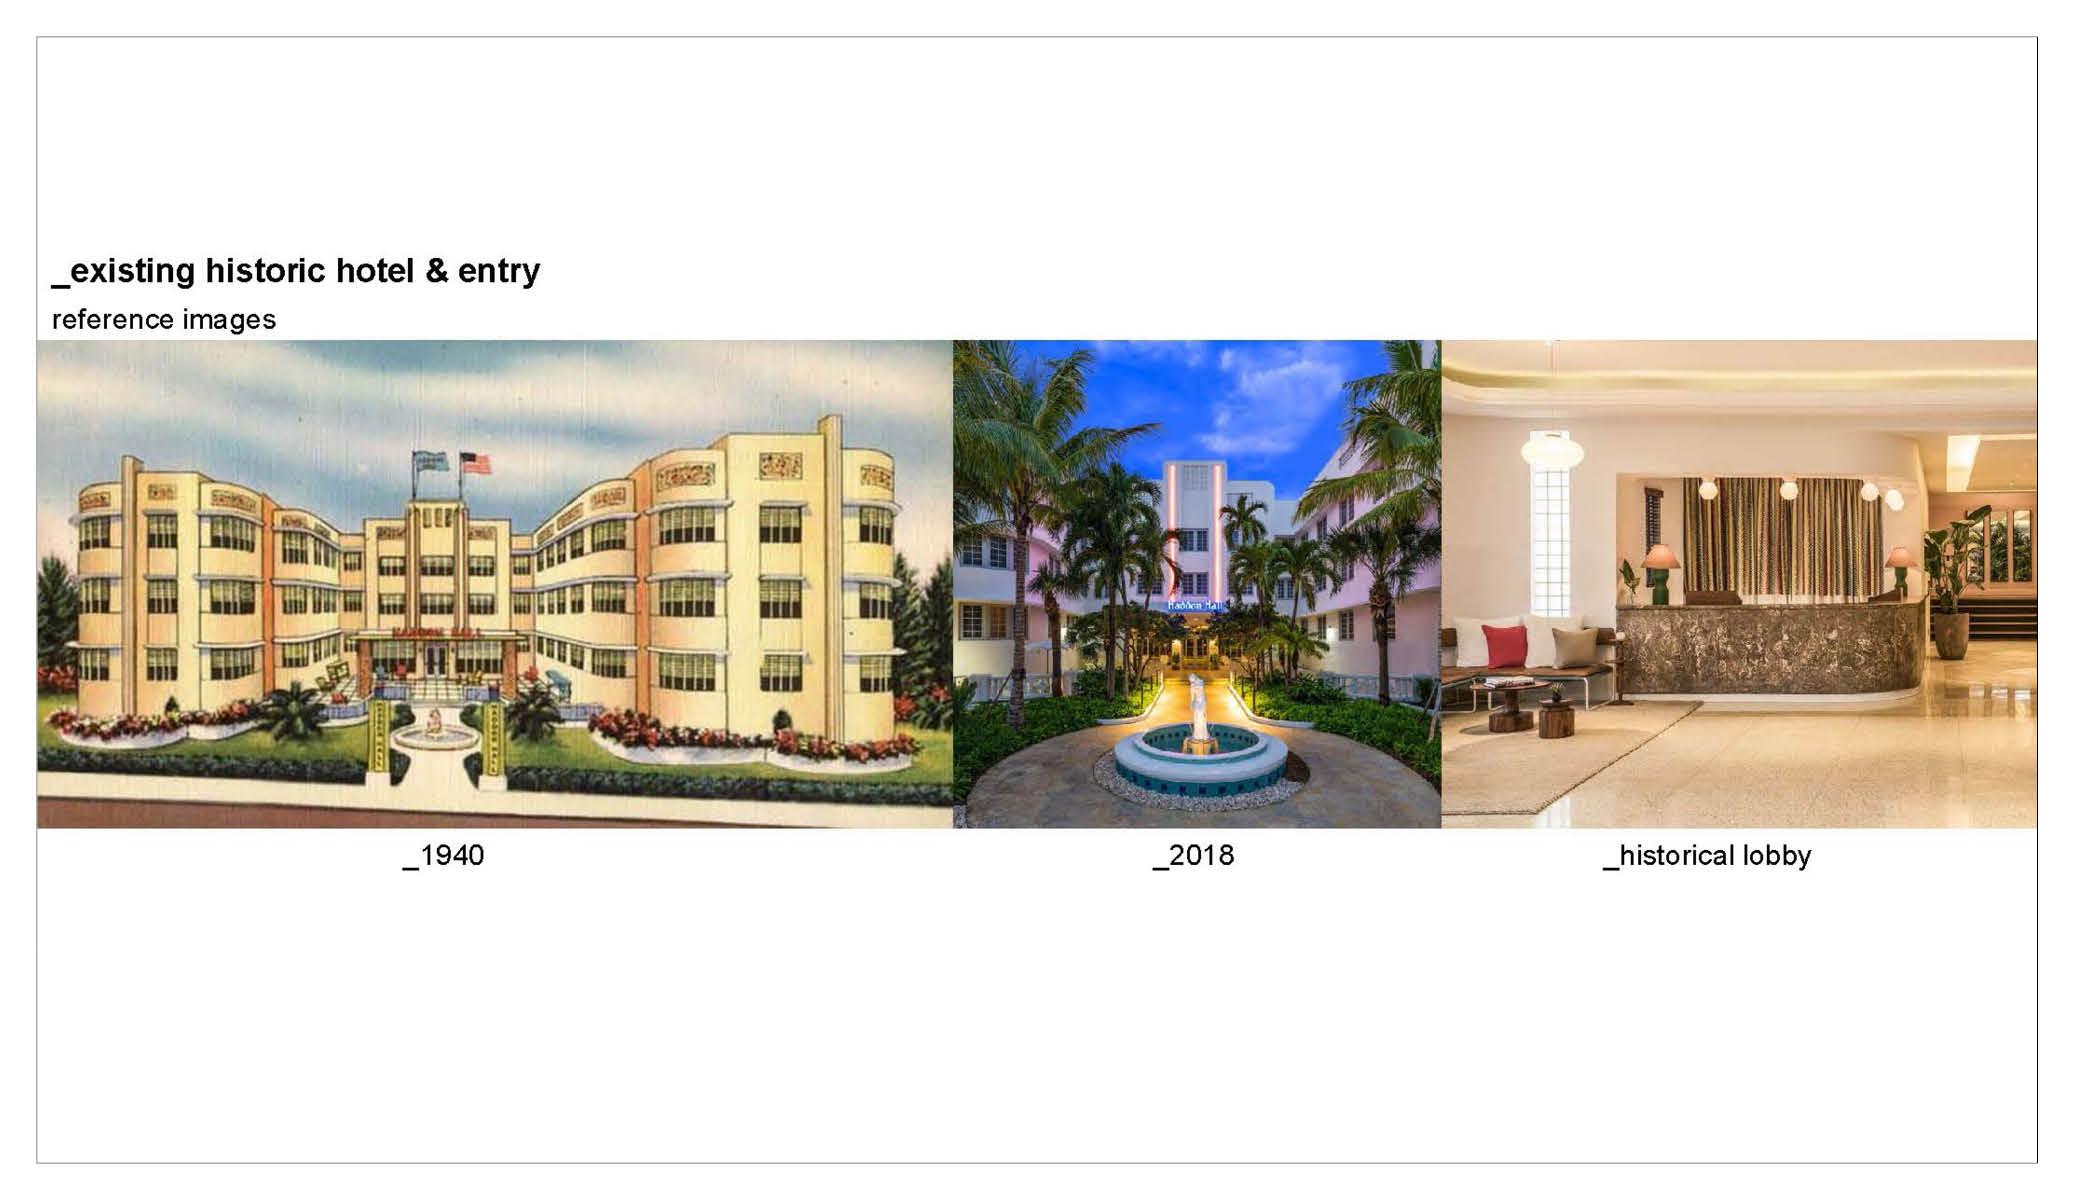 tsao-axel-hotel-case-study-2.jpg